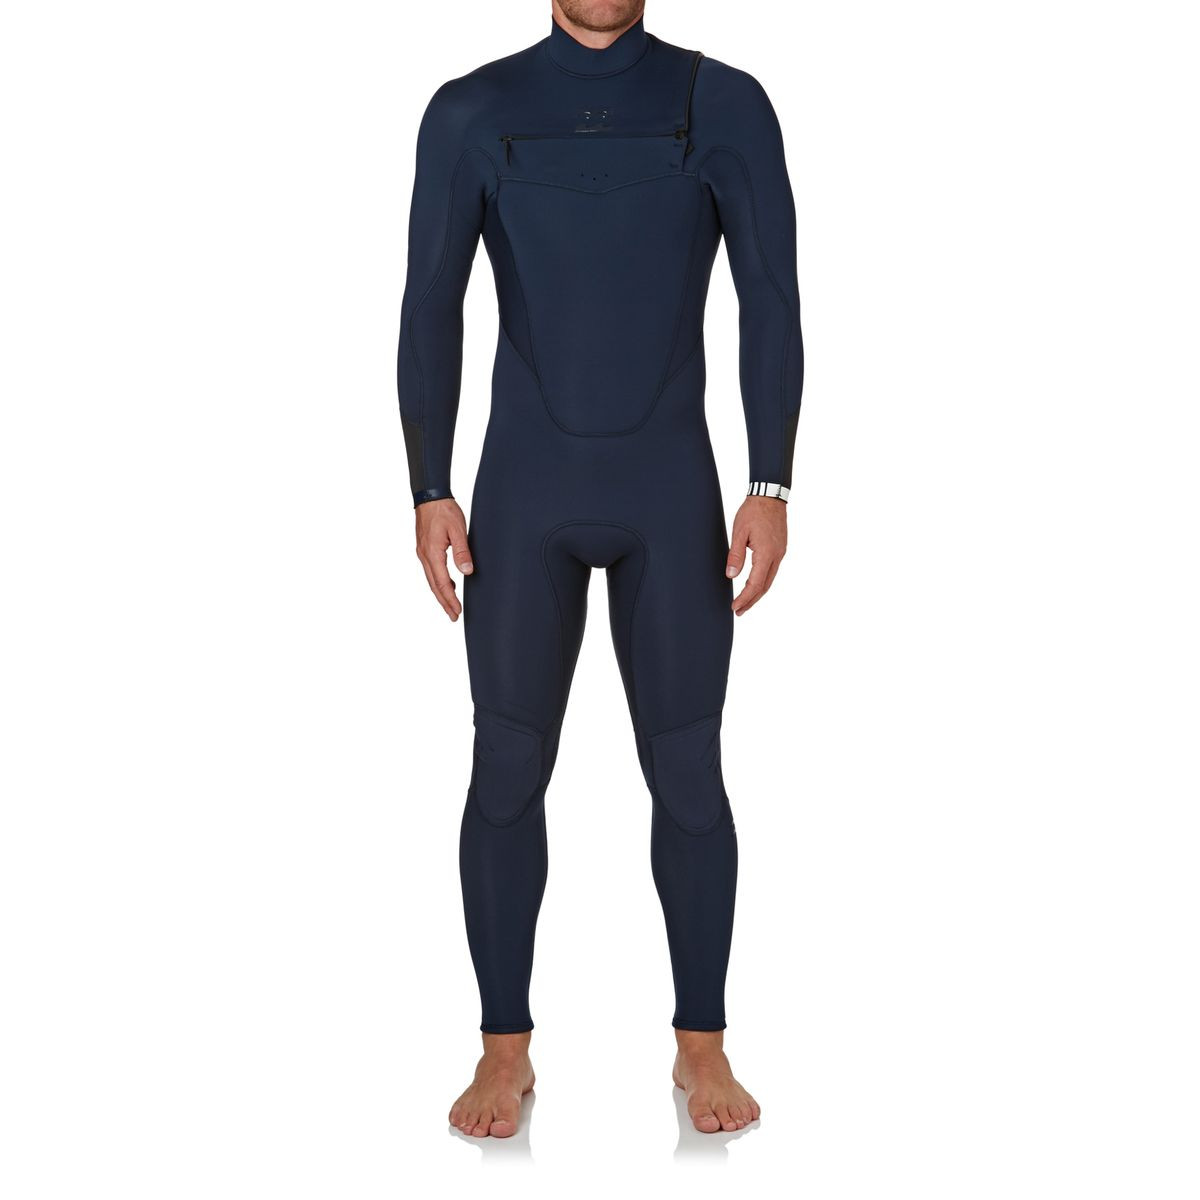 Billabong Absolute 5/4mm 2018 Chest Zip Wetsuit - Navy